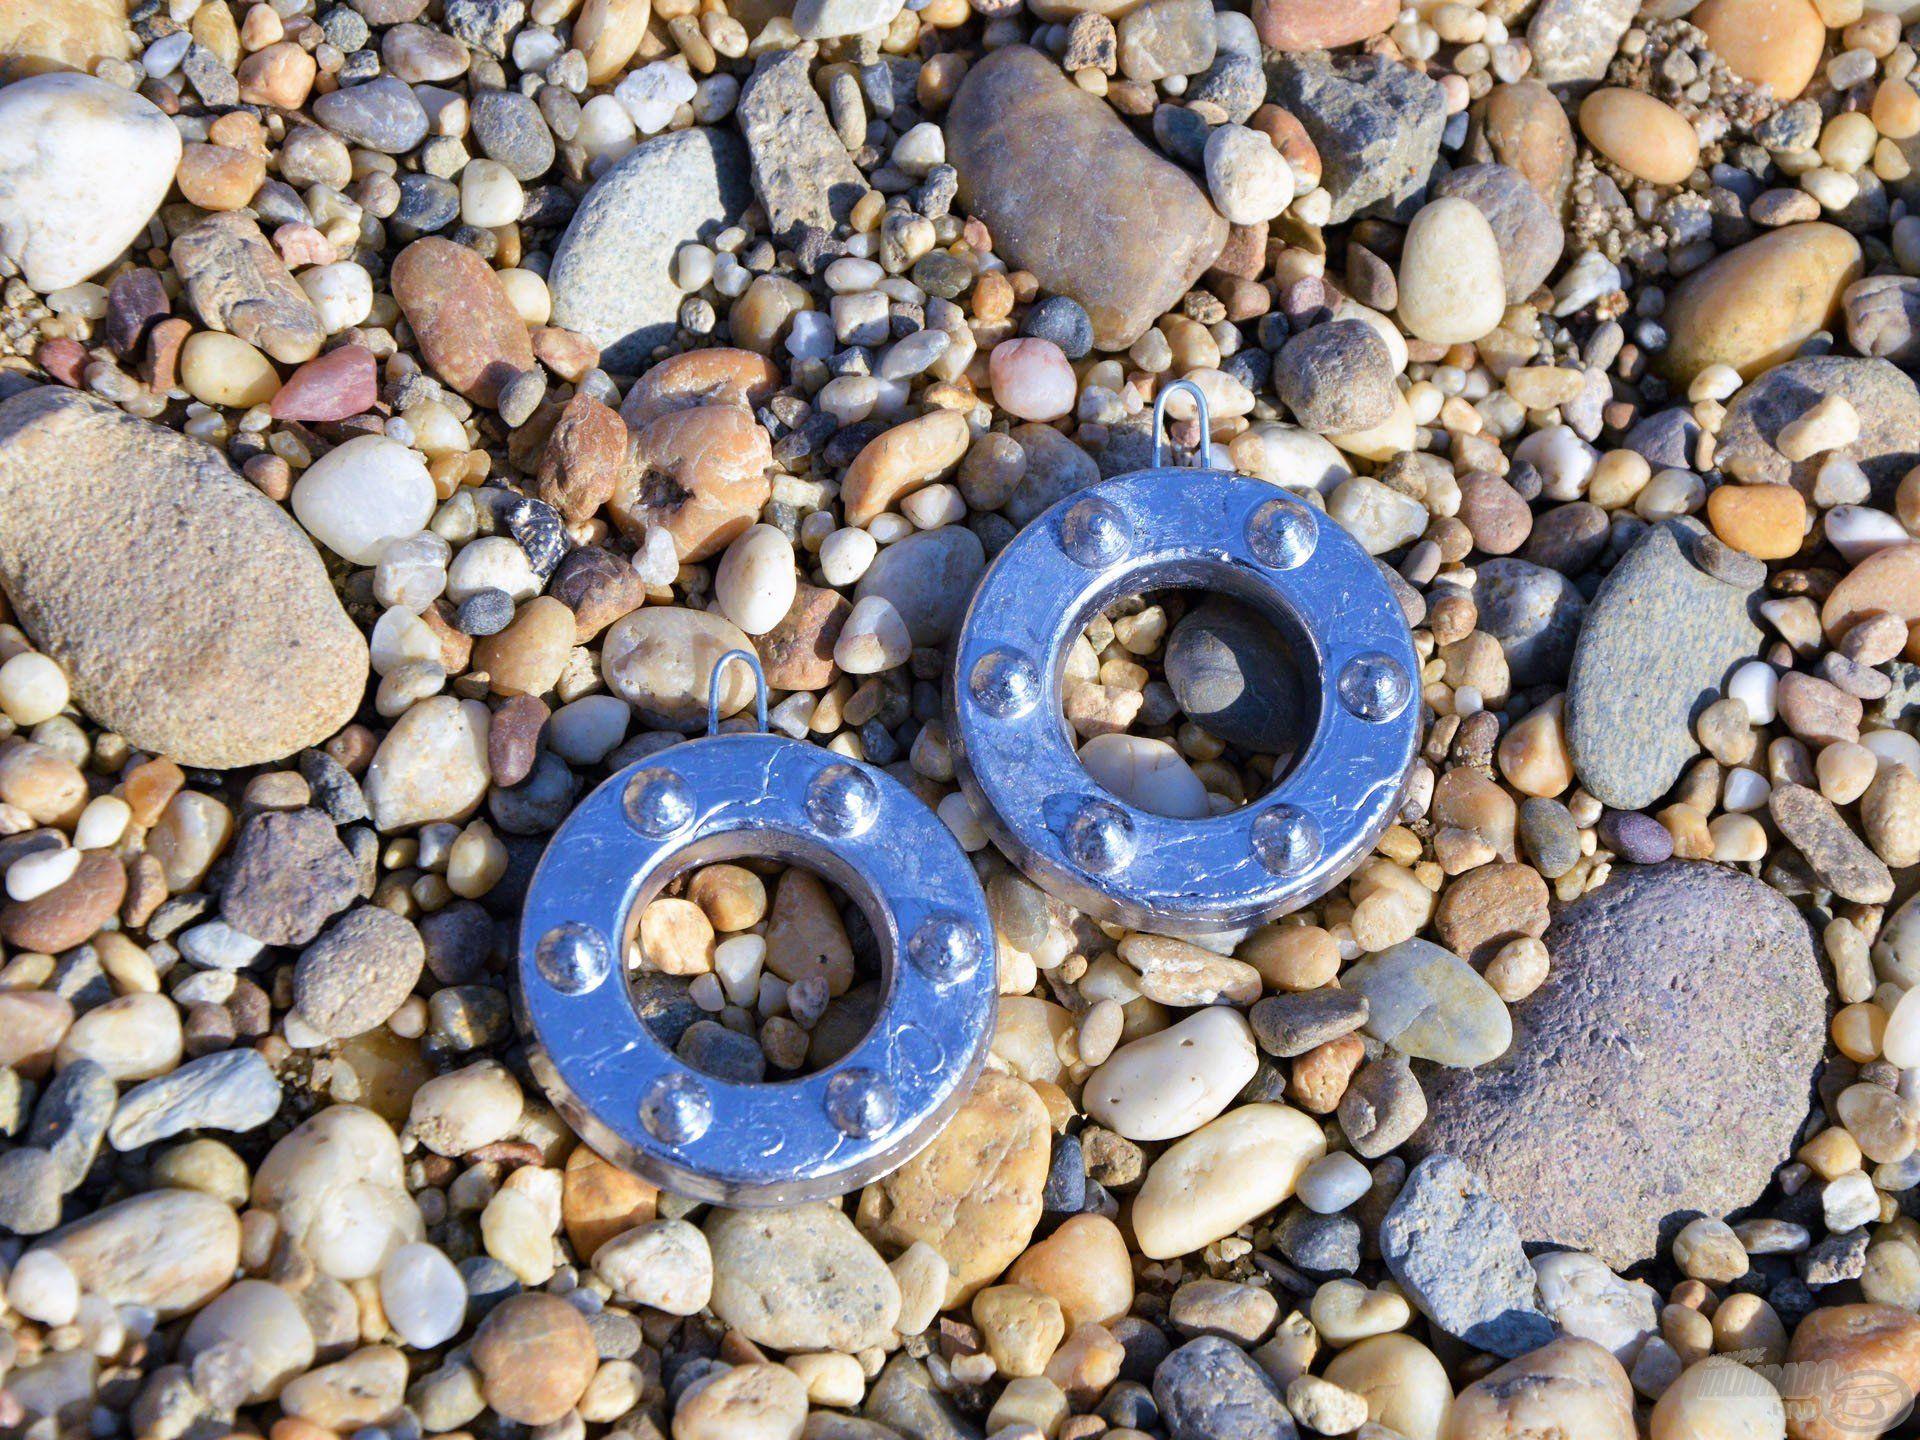 A gyűrű alakú ólom a kavicsos mederben is meg tud kapaszkodni